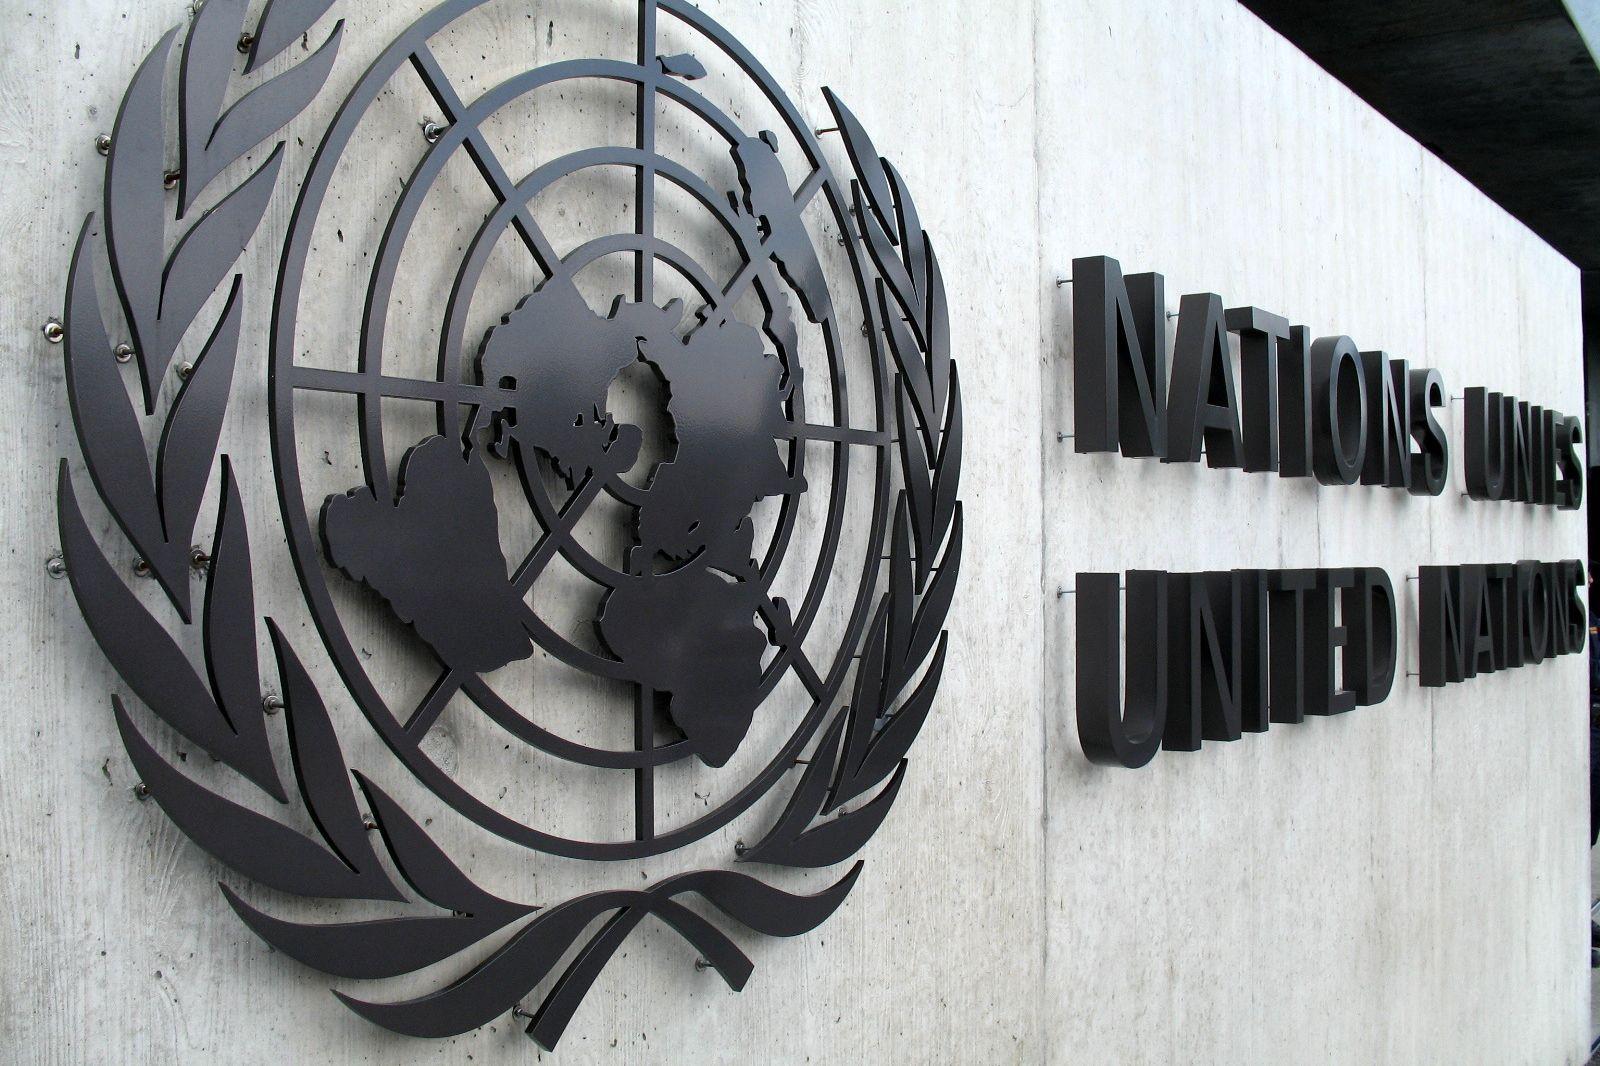 Portugal vai receber conferência da ONU sobre oceanos em 2020